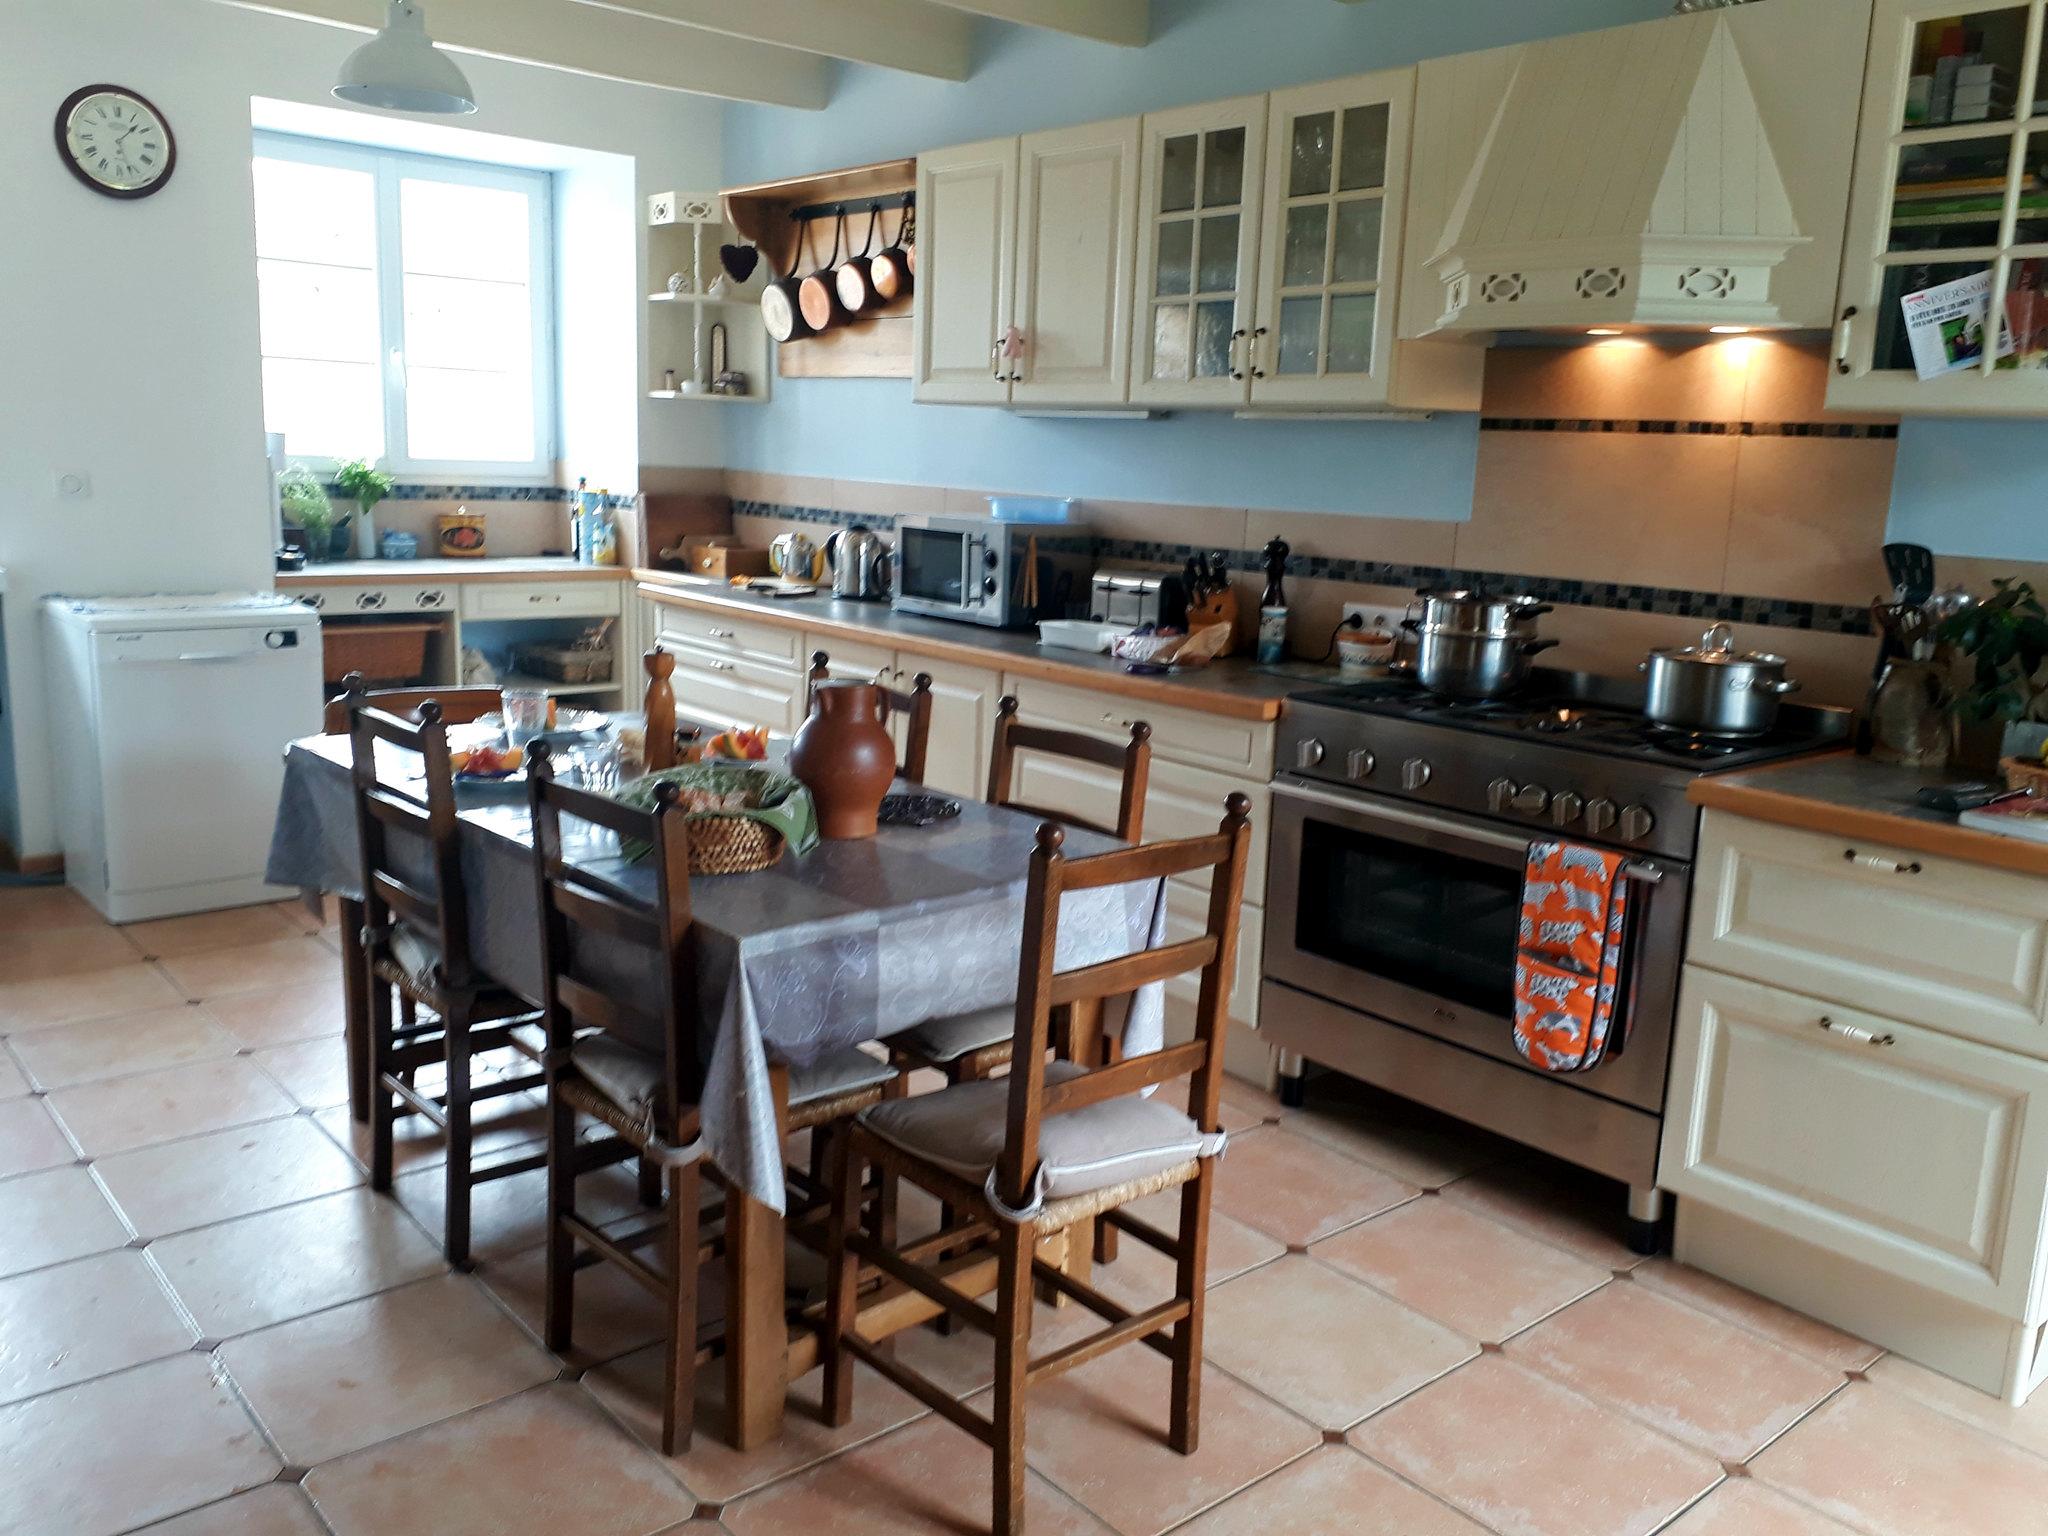 cozinha linda da casa onde fiz o work exchange na frança